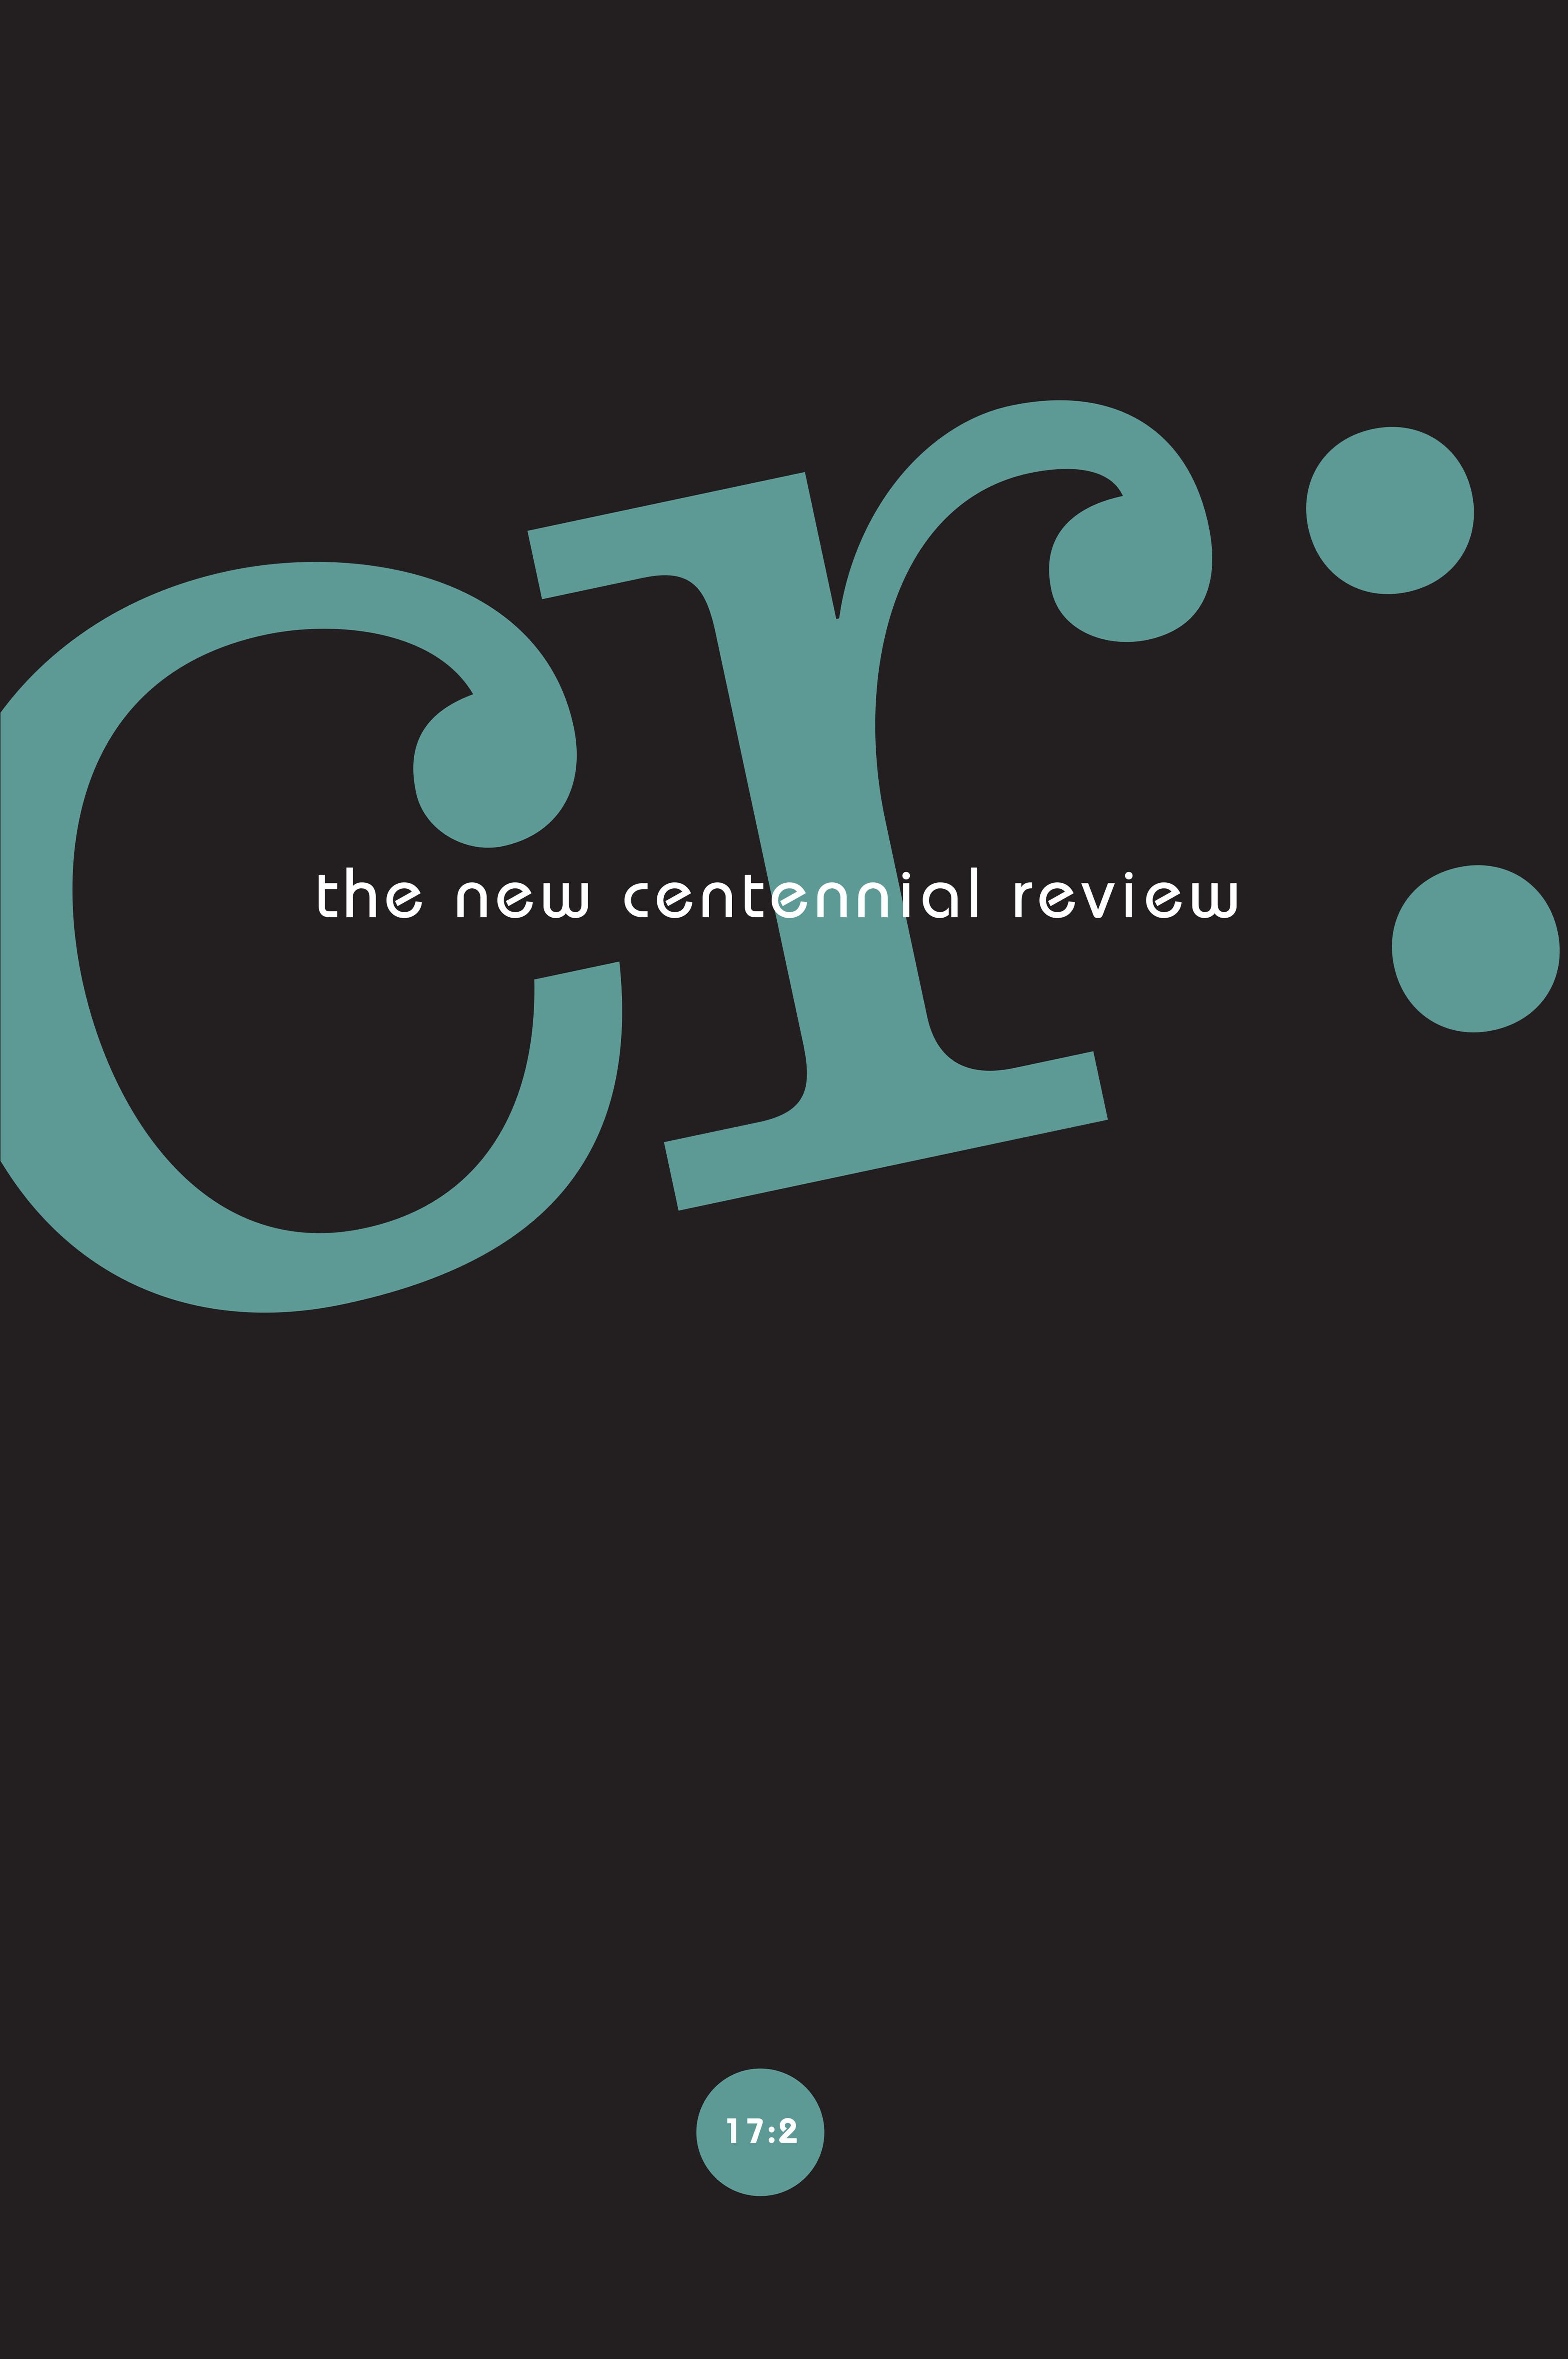 CR: The New Centennial Review 17, no. 2 cover